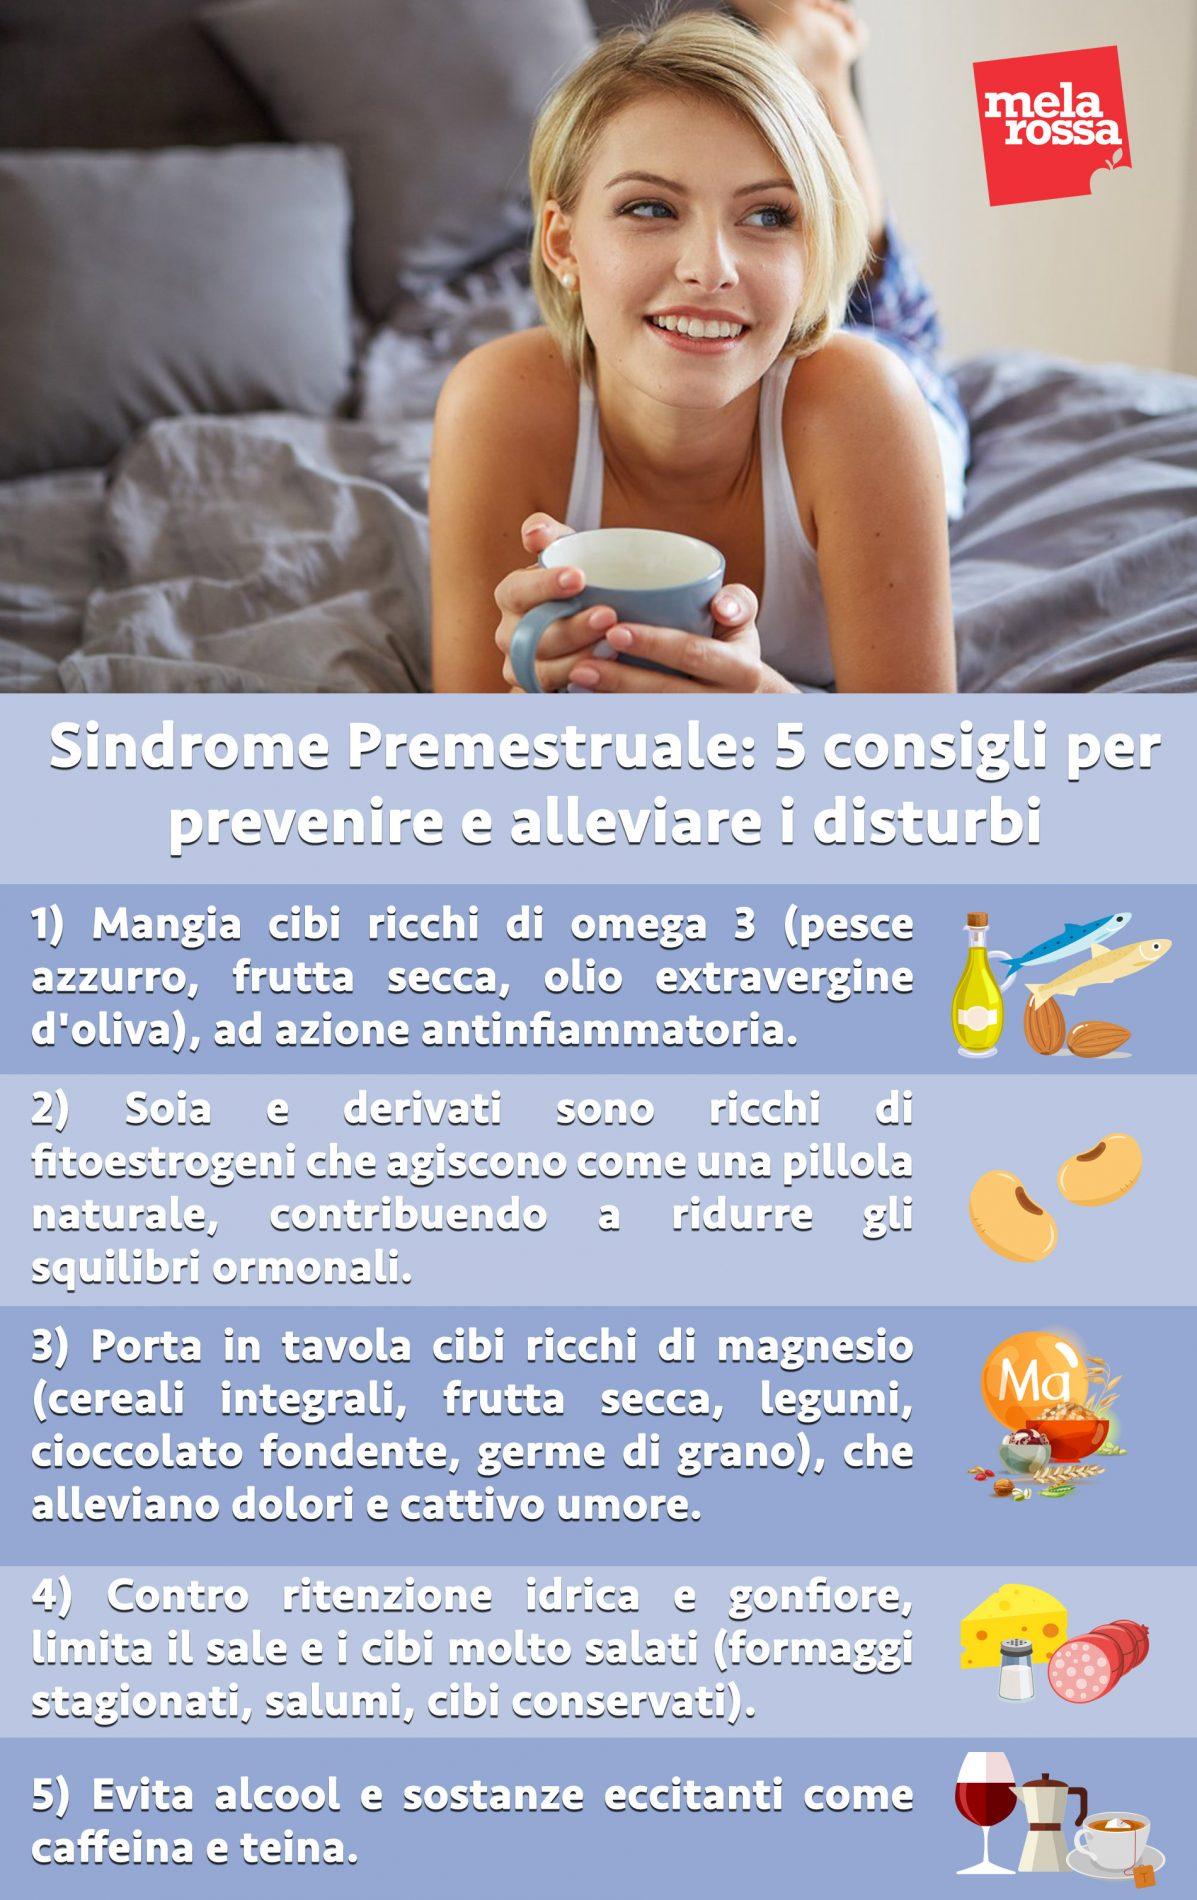 sindrome premestruale consigli alleviare prevenire disturbi